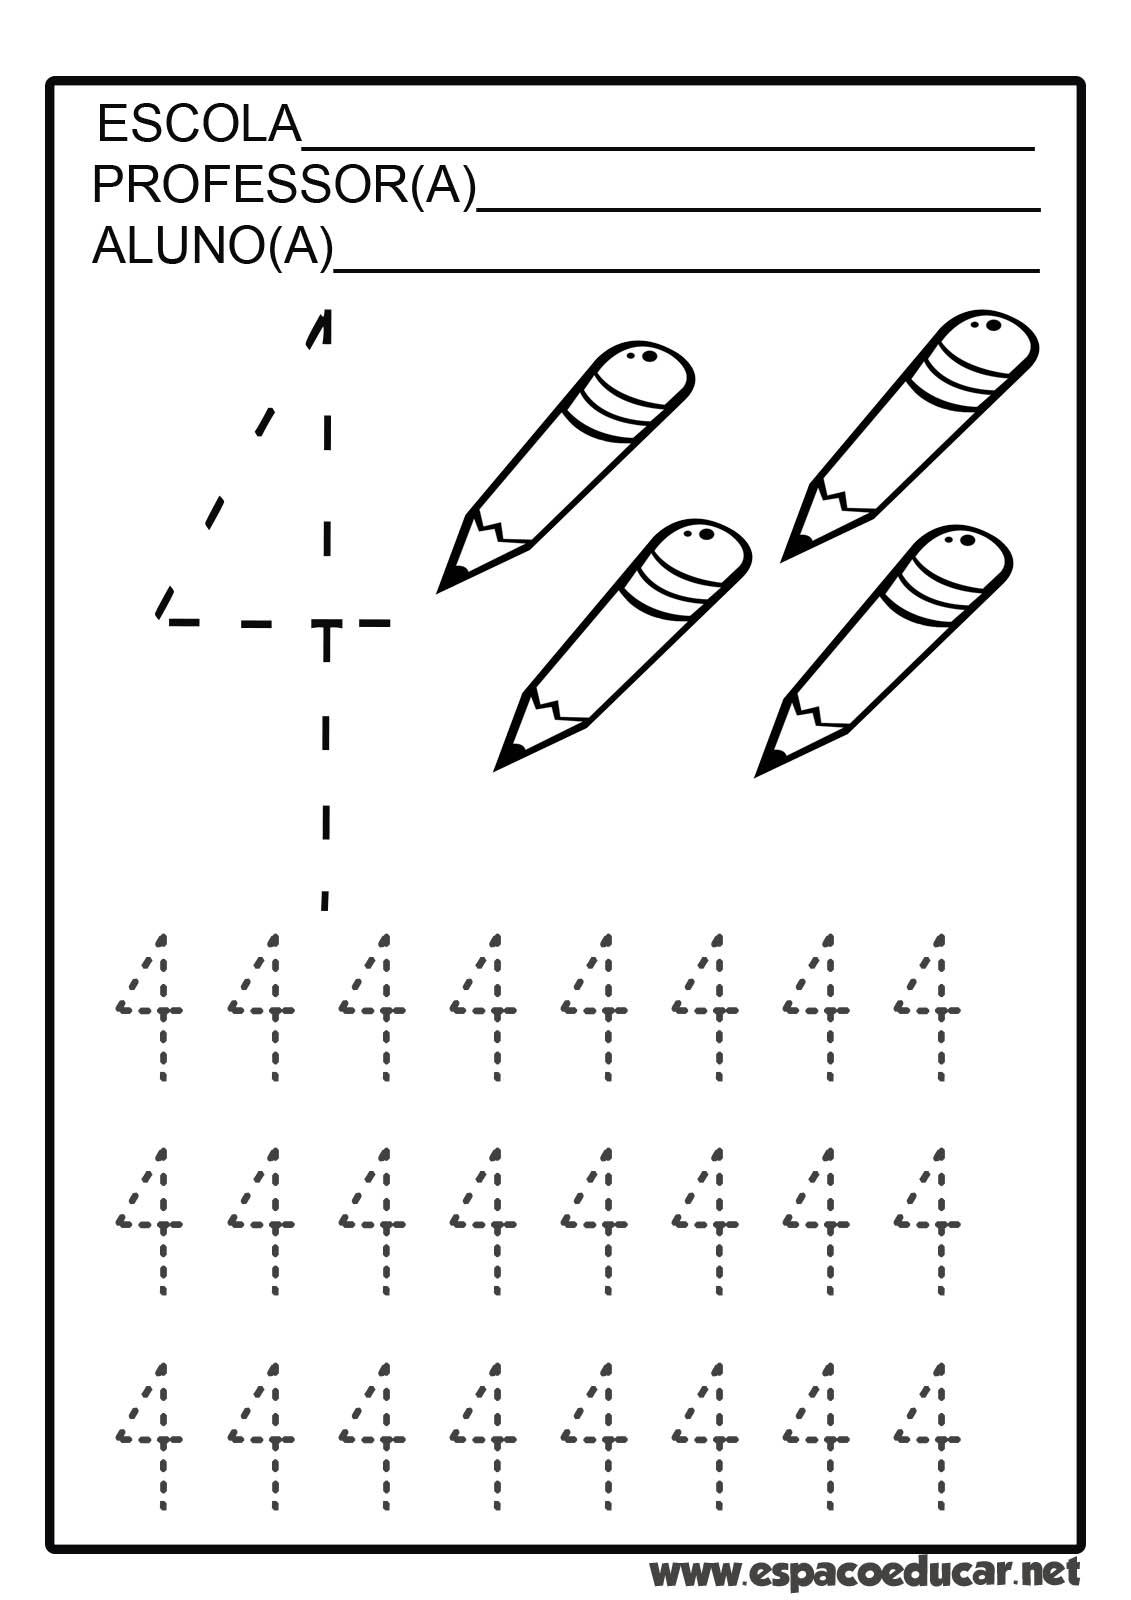 atividades com numerais tracejados de 0 a 9 para coordenaÇÃo motora